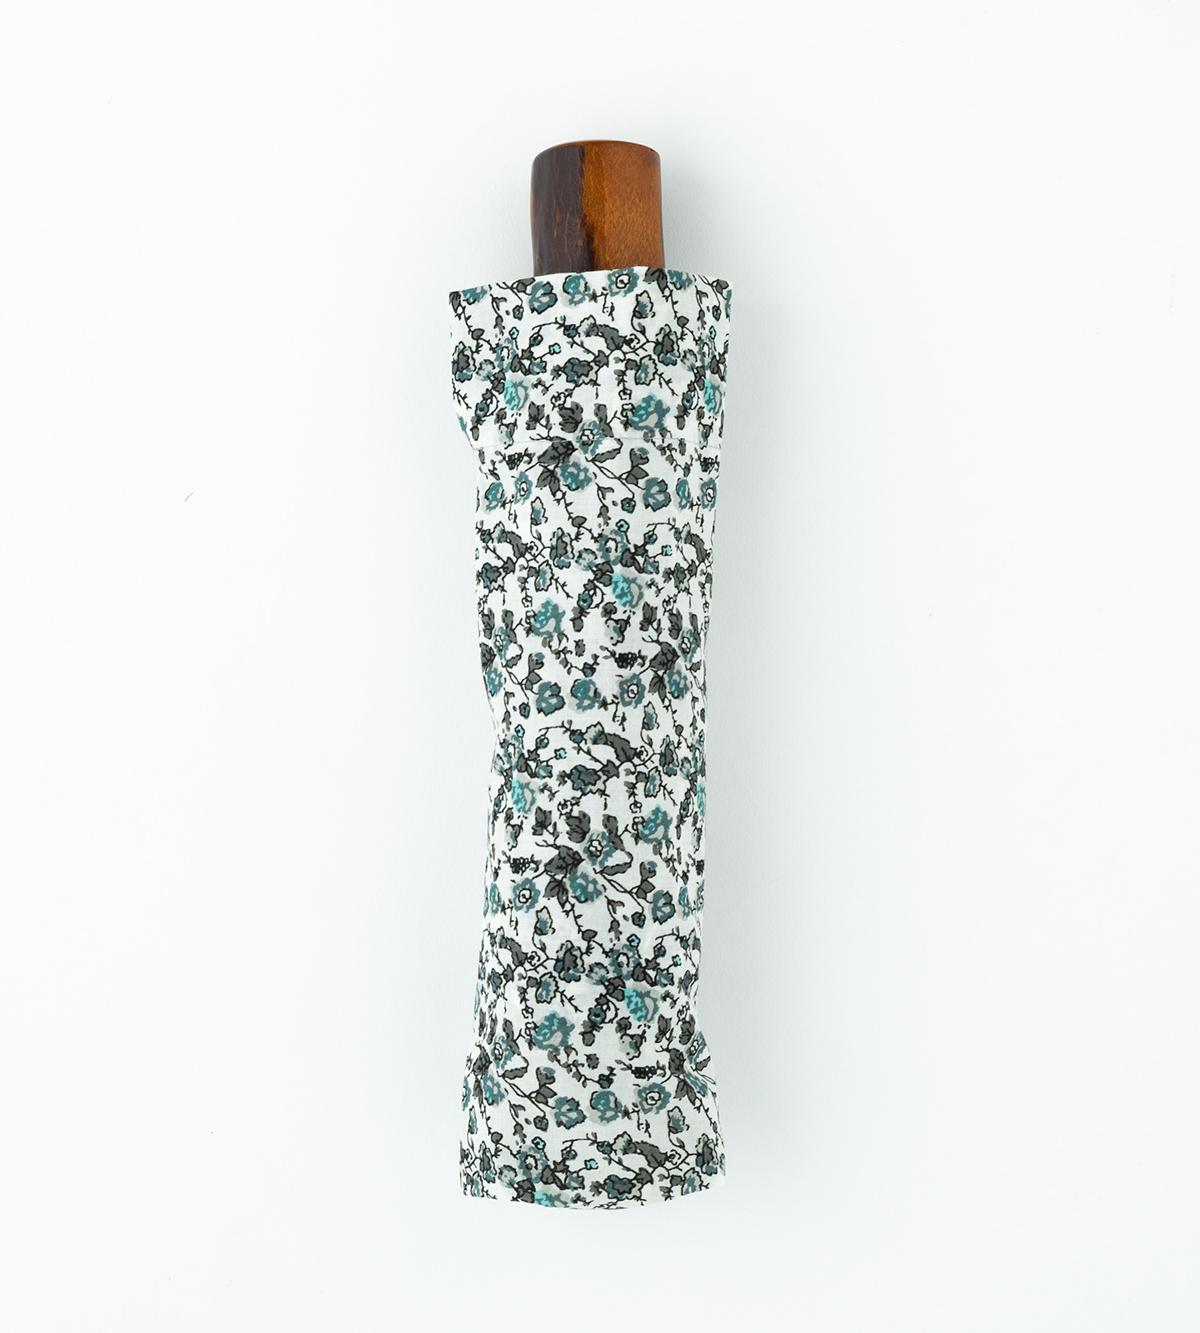 同素材でつくった付属の収納袋つきなので、汚れを気にせず、バッグの中にしまえる「日傘・長傘」|BON BON STORE